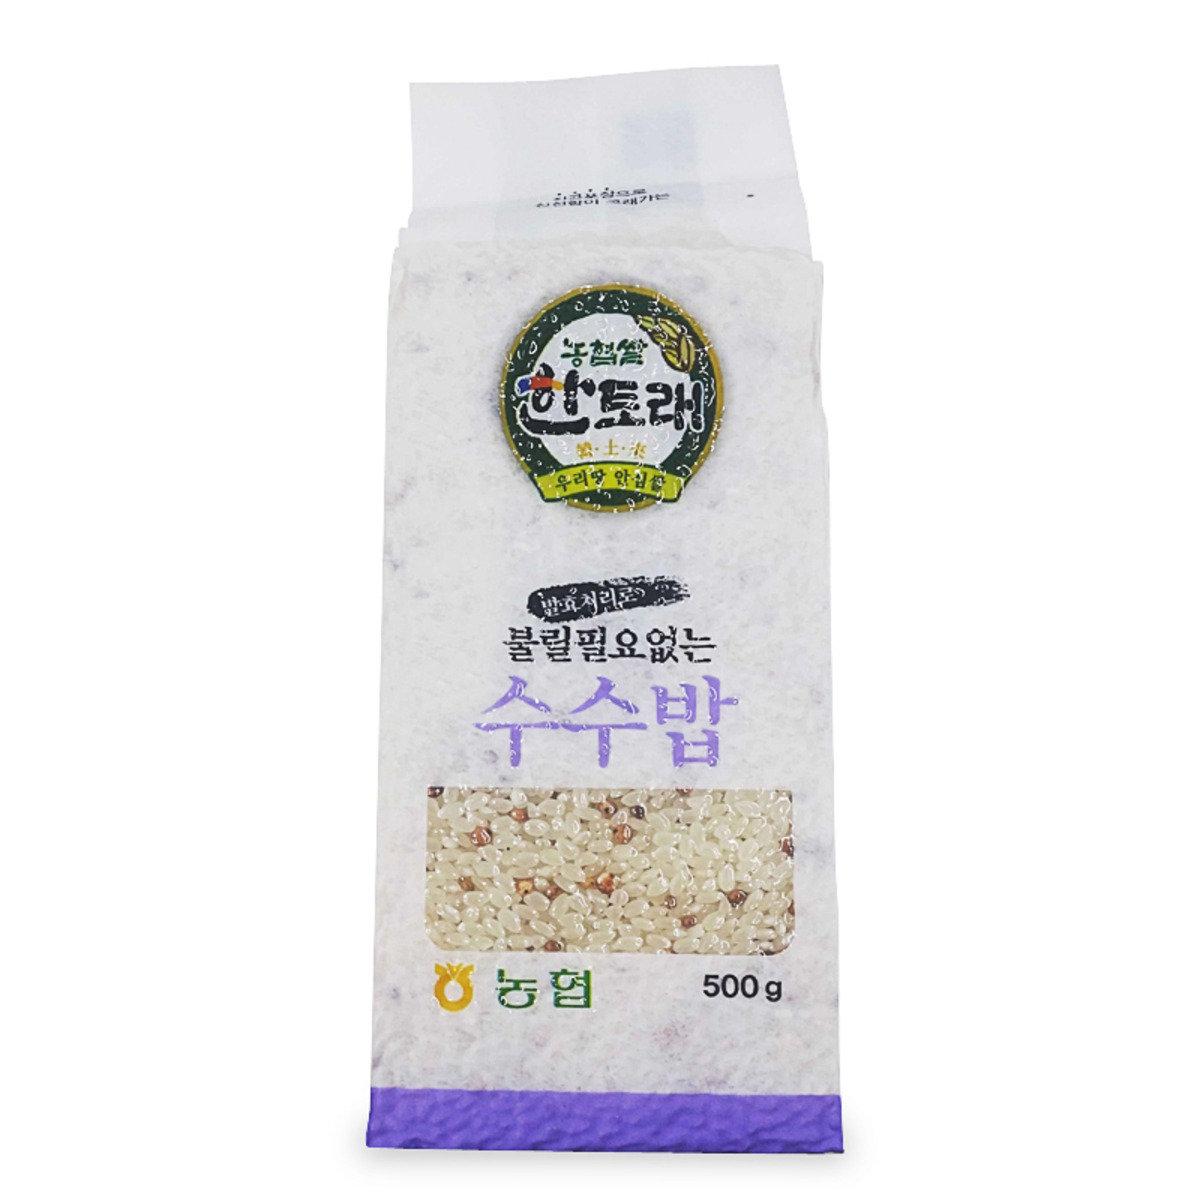 韓土來米混合發酵高粱 500克